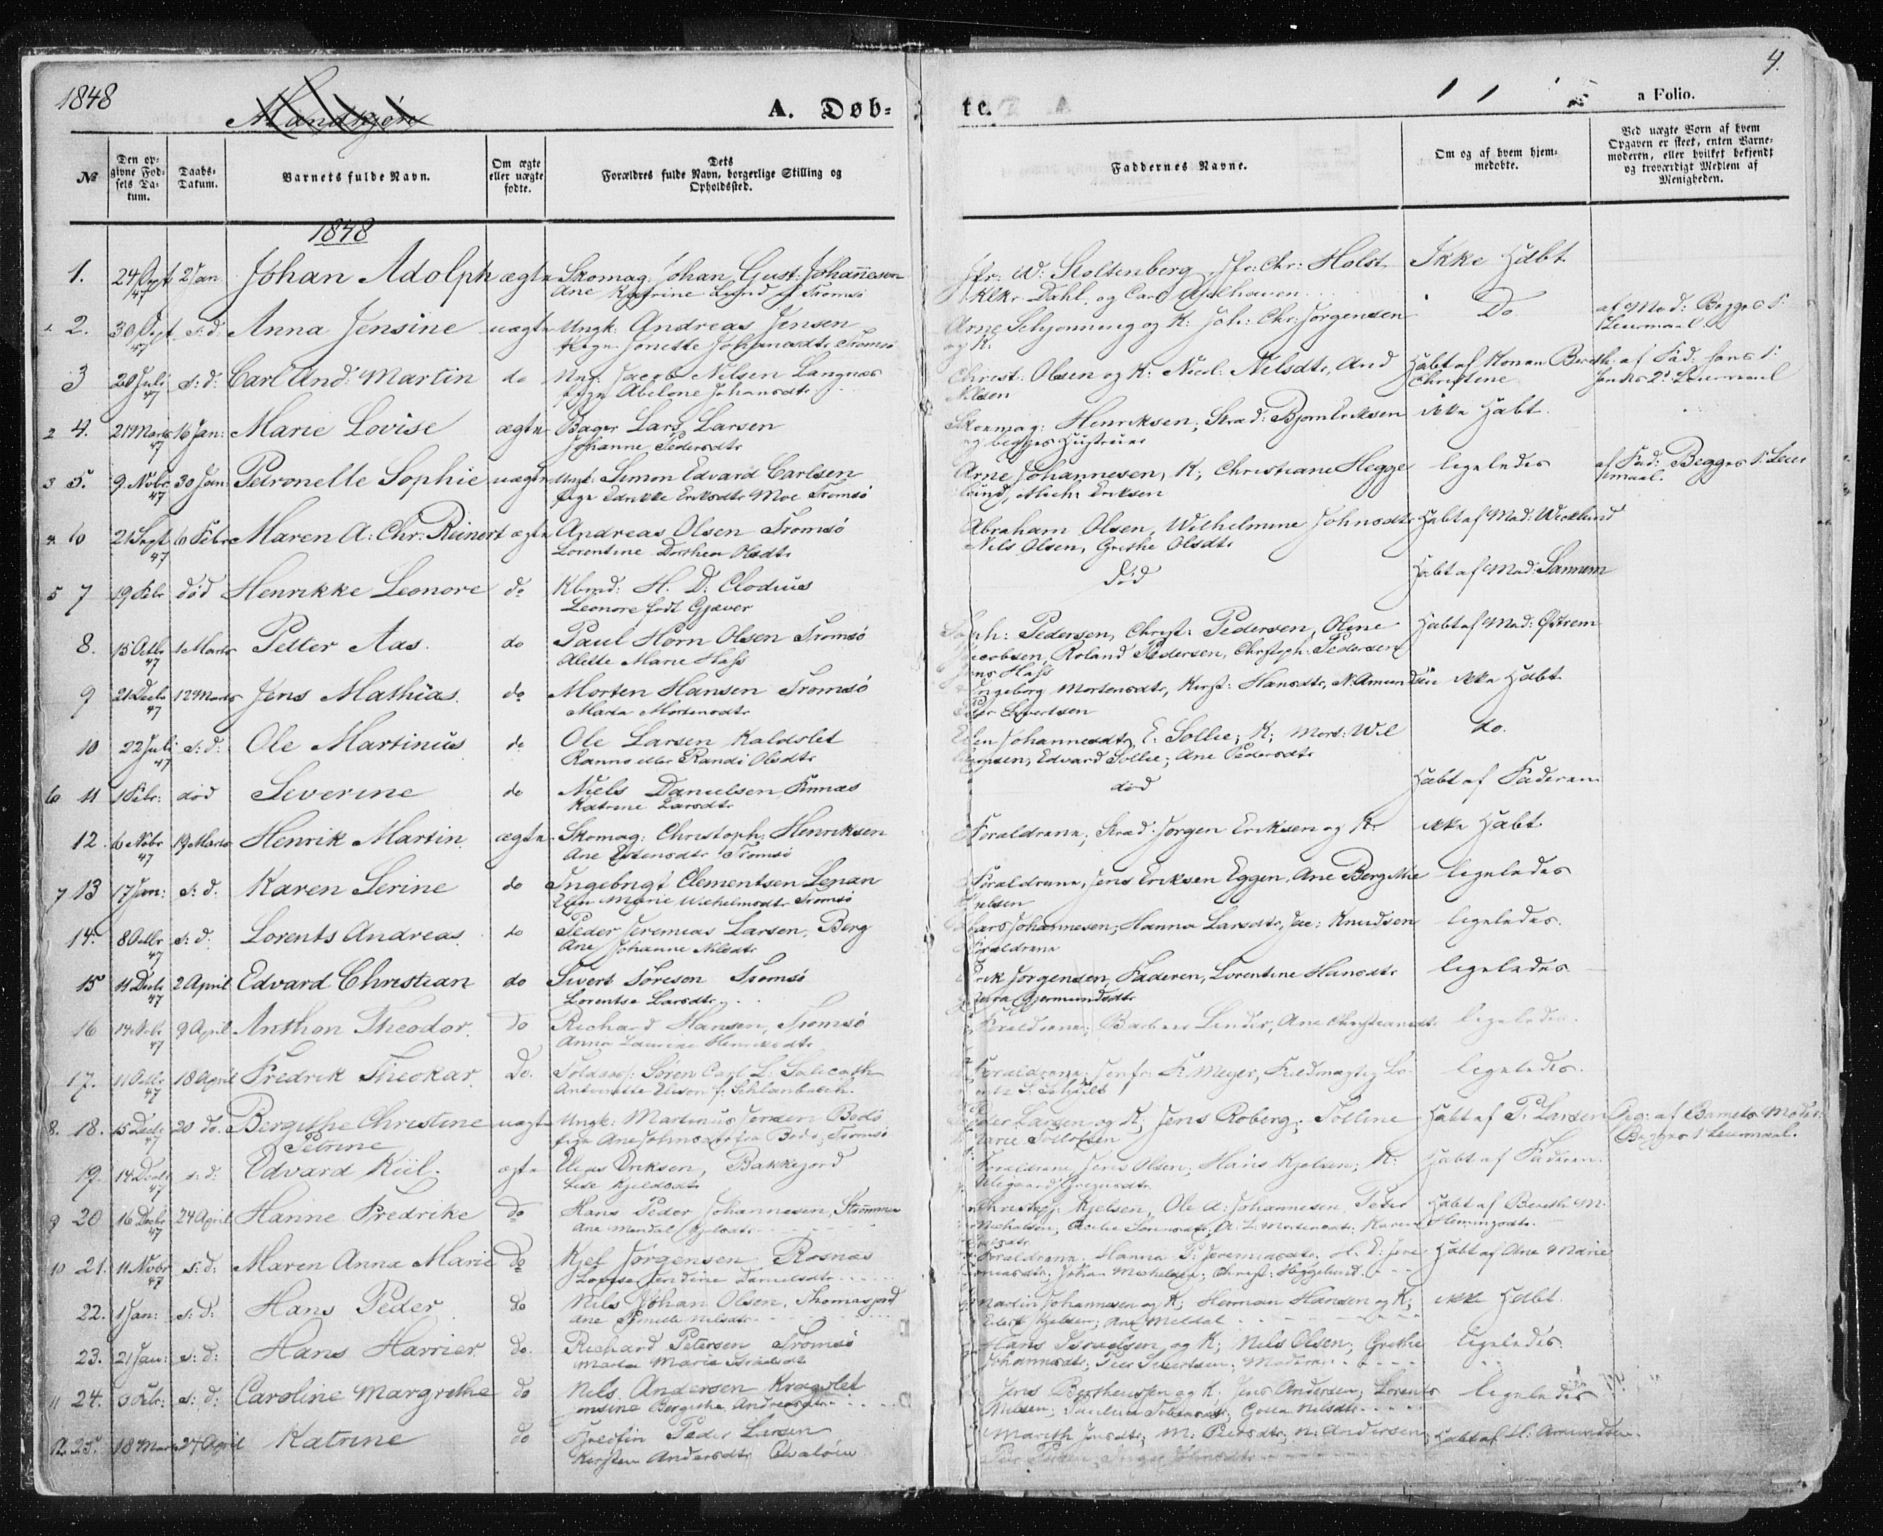 SATØ, Tromsø sokneprestkontor/stiftsprosti/domprosti, G/Ga/L0010kirke: Ministerialbok nr. 10, 1848-1855, s. 4